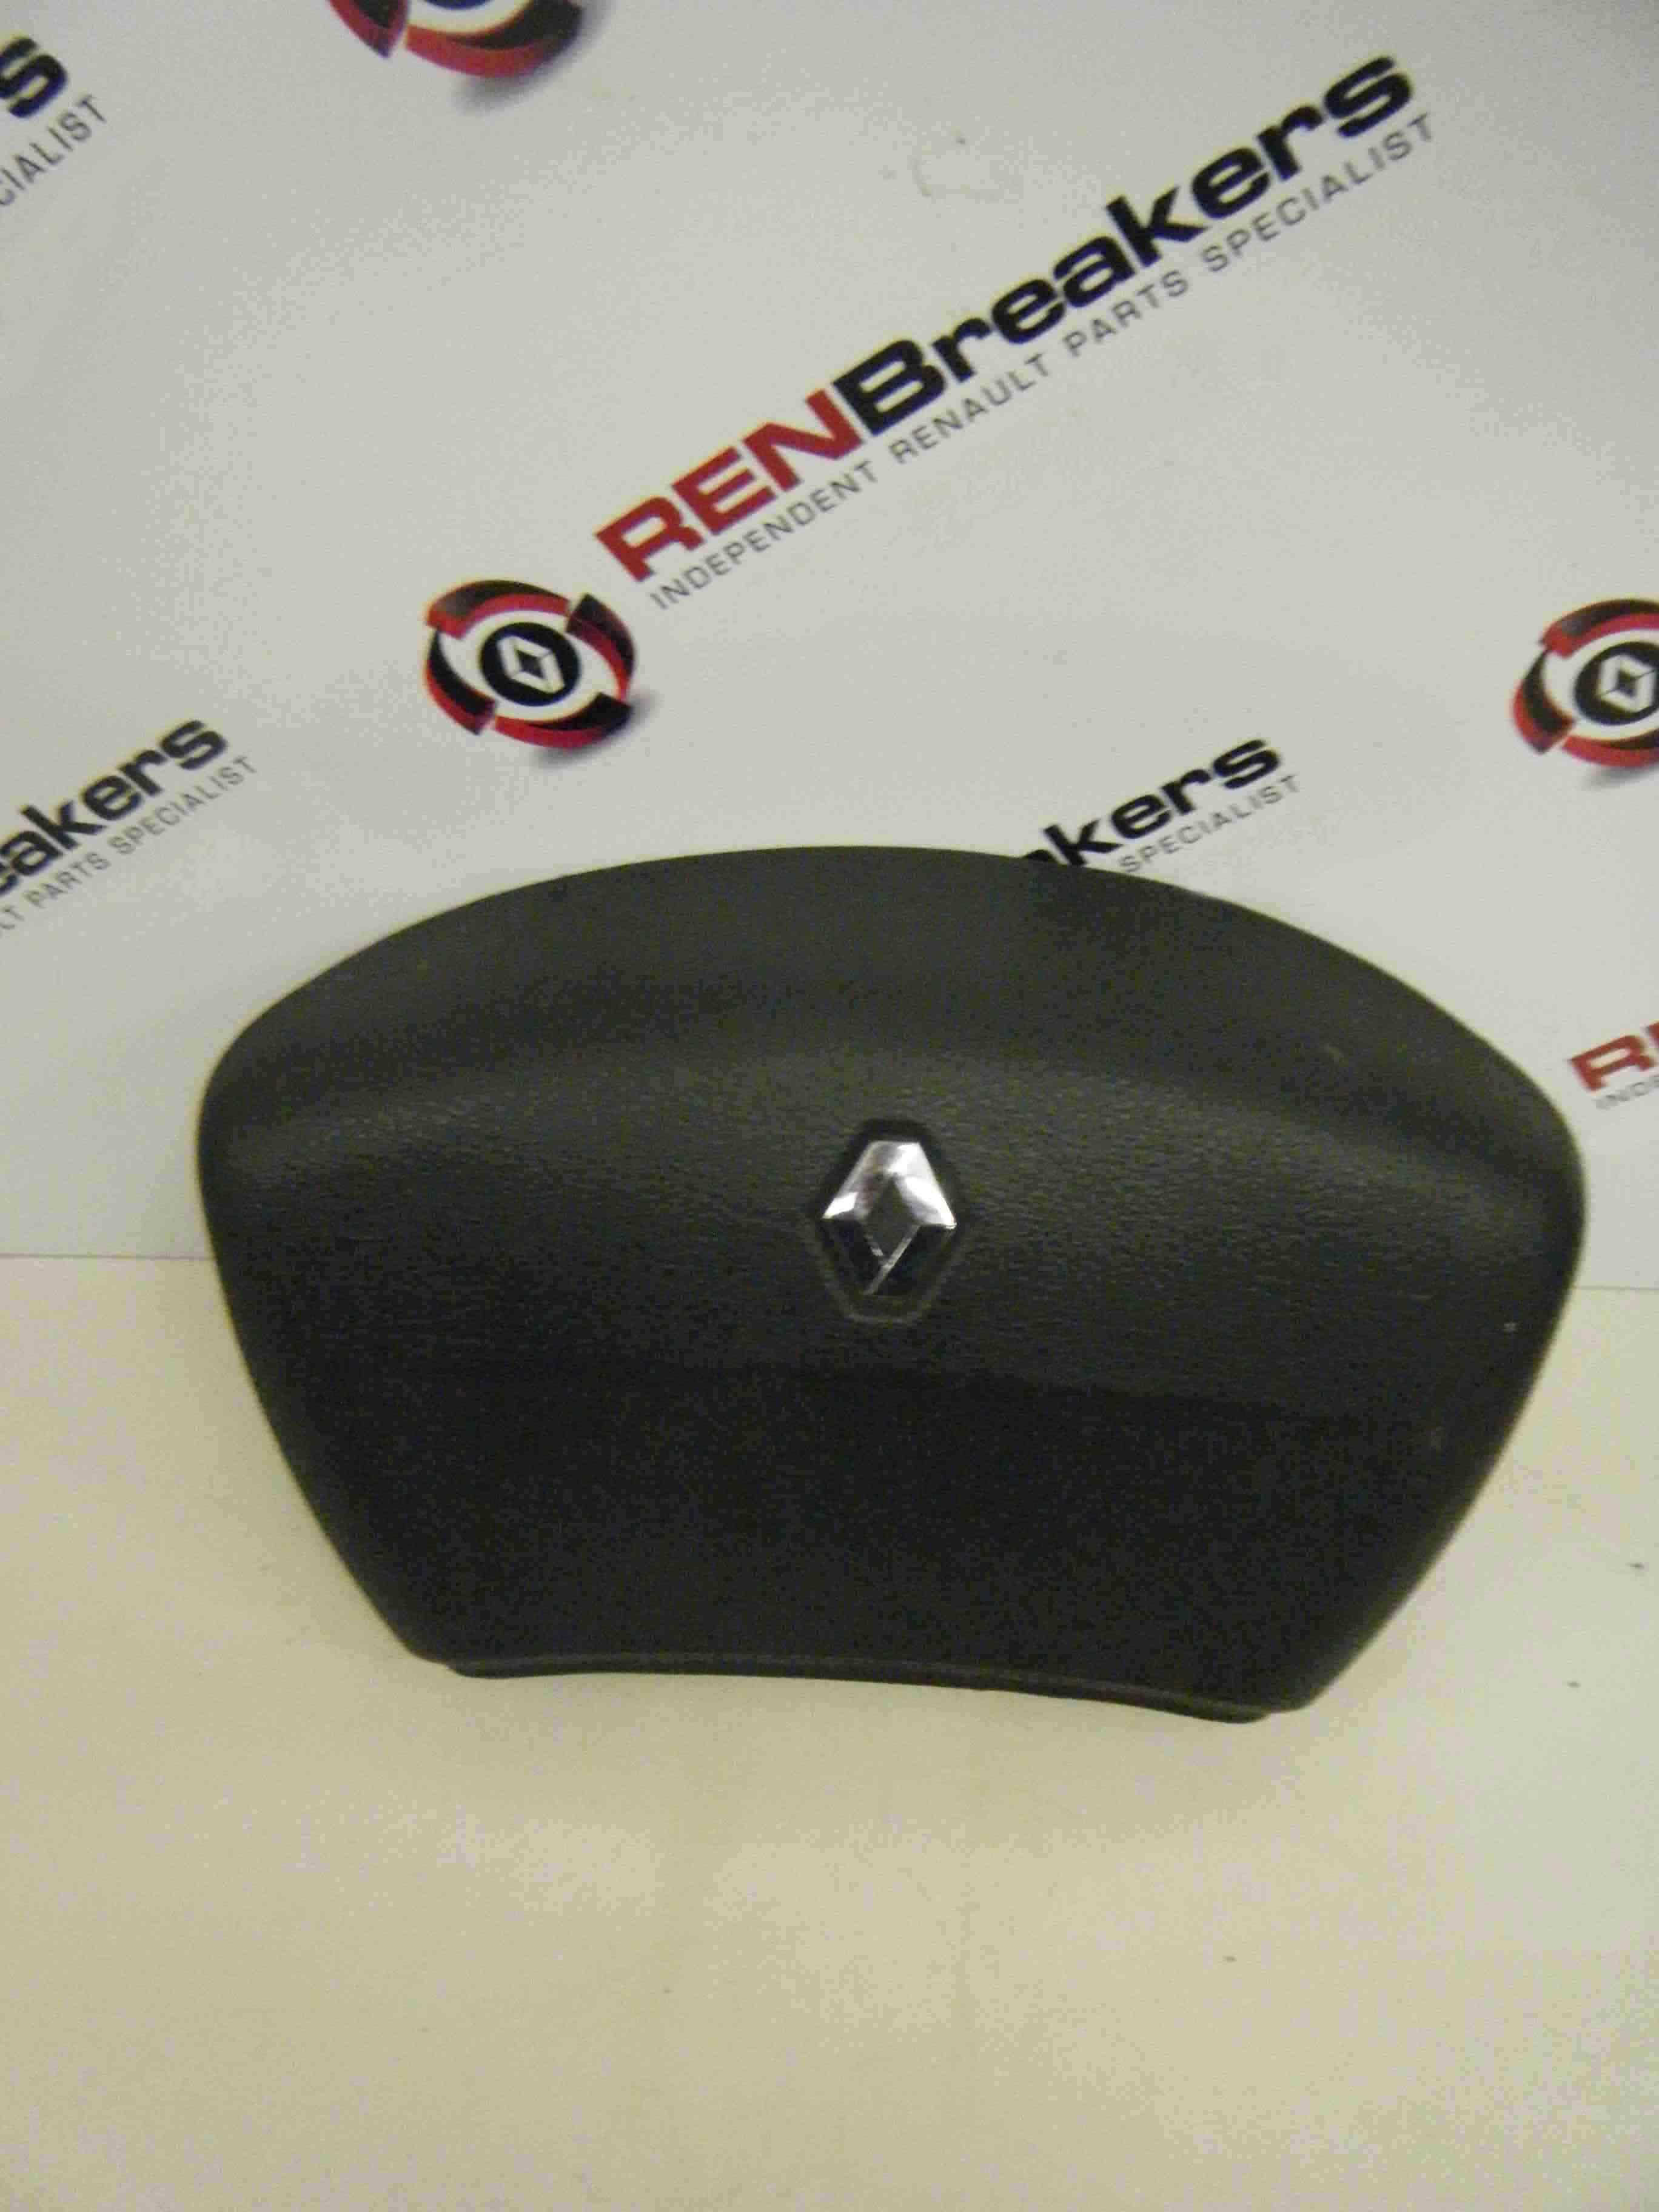 Renault Espace 2002-2006 Steering Wheel Airbag Drivers 8200071201